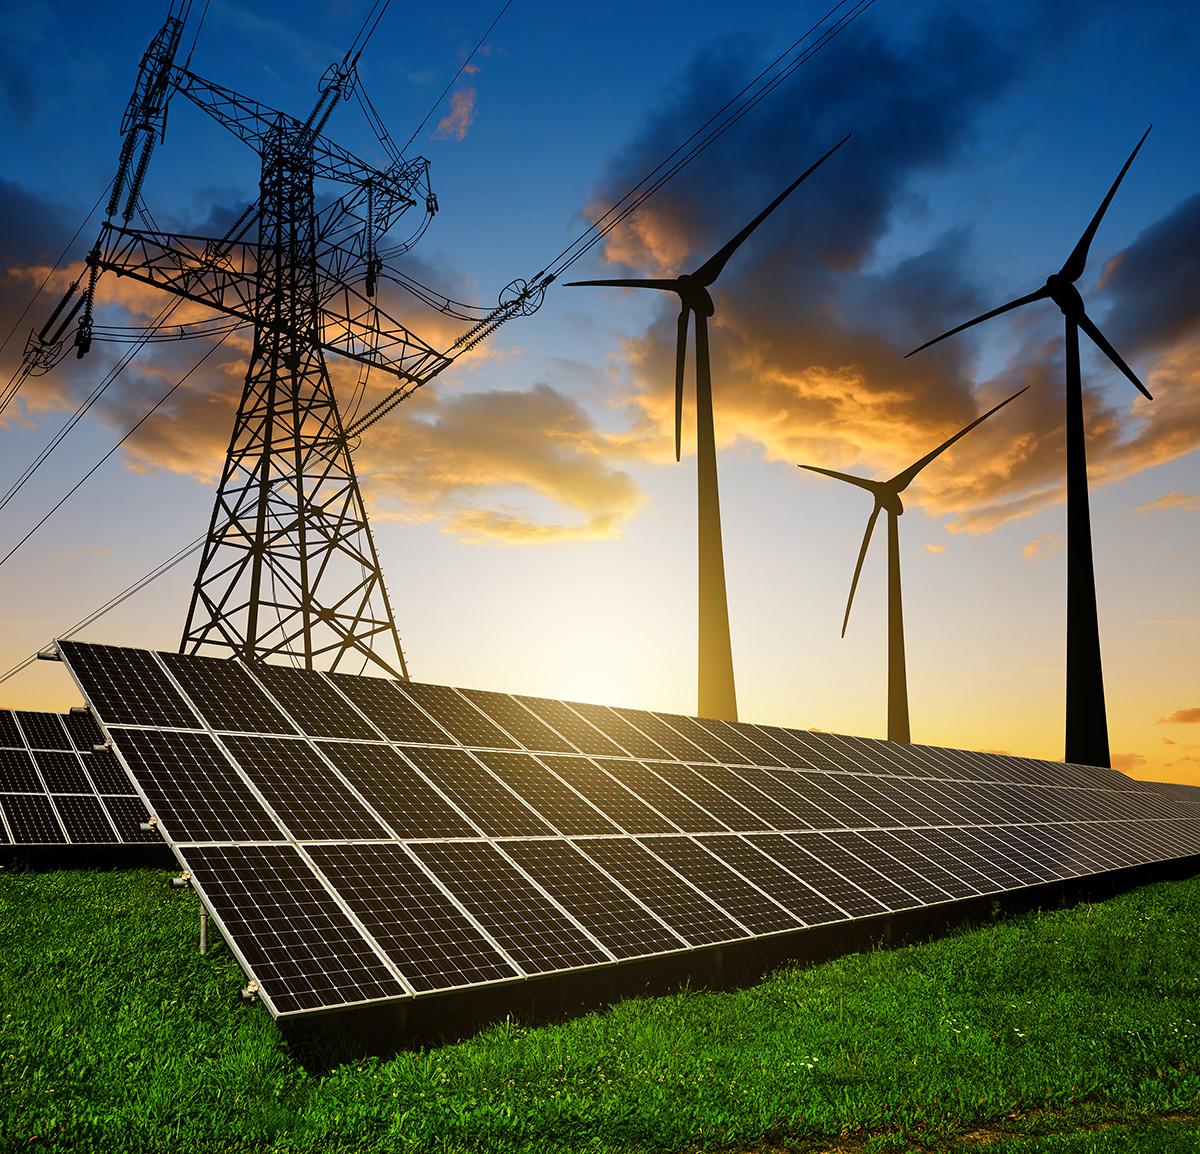 """新冠下2020年日本太阳能导入量仍然增加,帮助进行注重""""脱碳""""的经济恢复"""